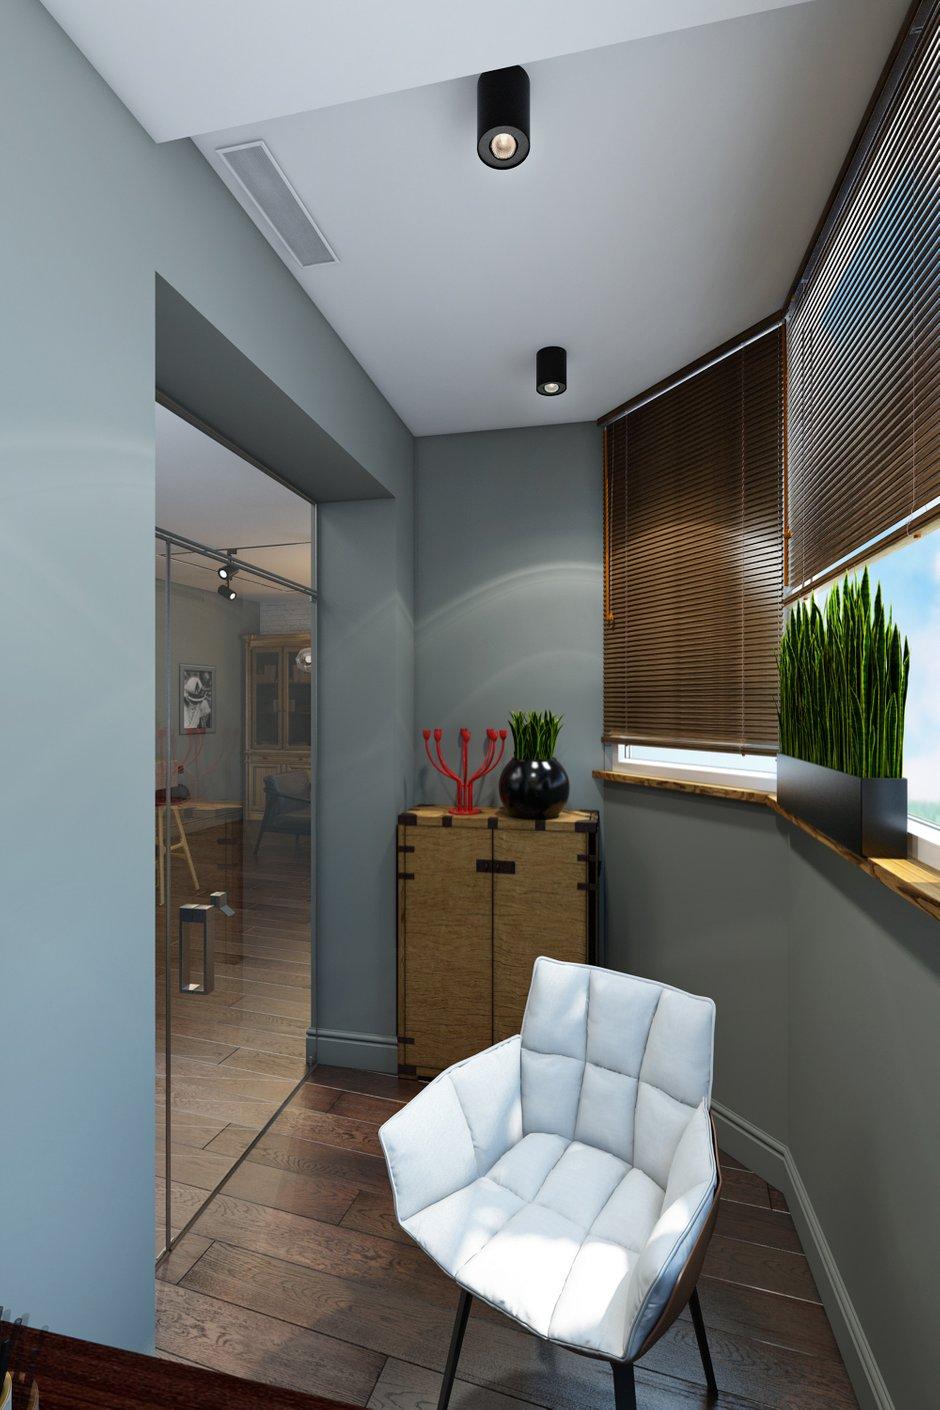 Фотография: Балкон в стиле Современный, Лофт, Квартира, Проект недели, Москва, Диана Мальцева, новостройка, Монолитный дом, 2 комнаты, 60-90 метров – фото на INMYROOM